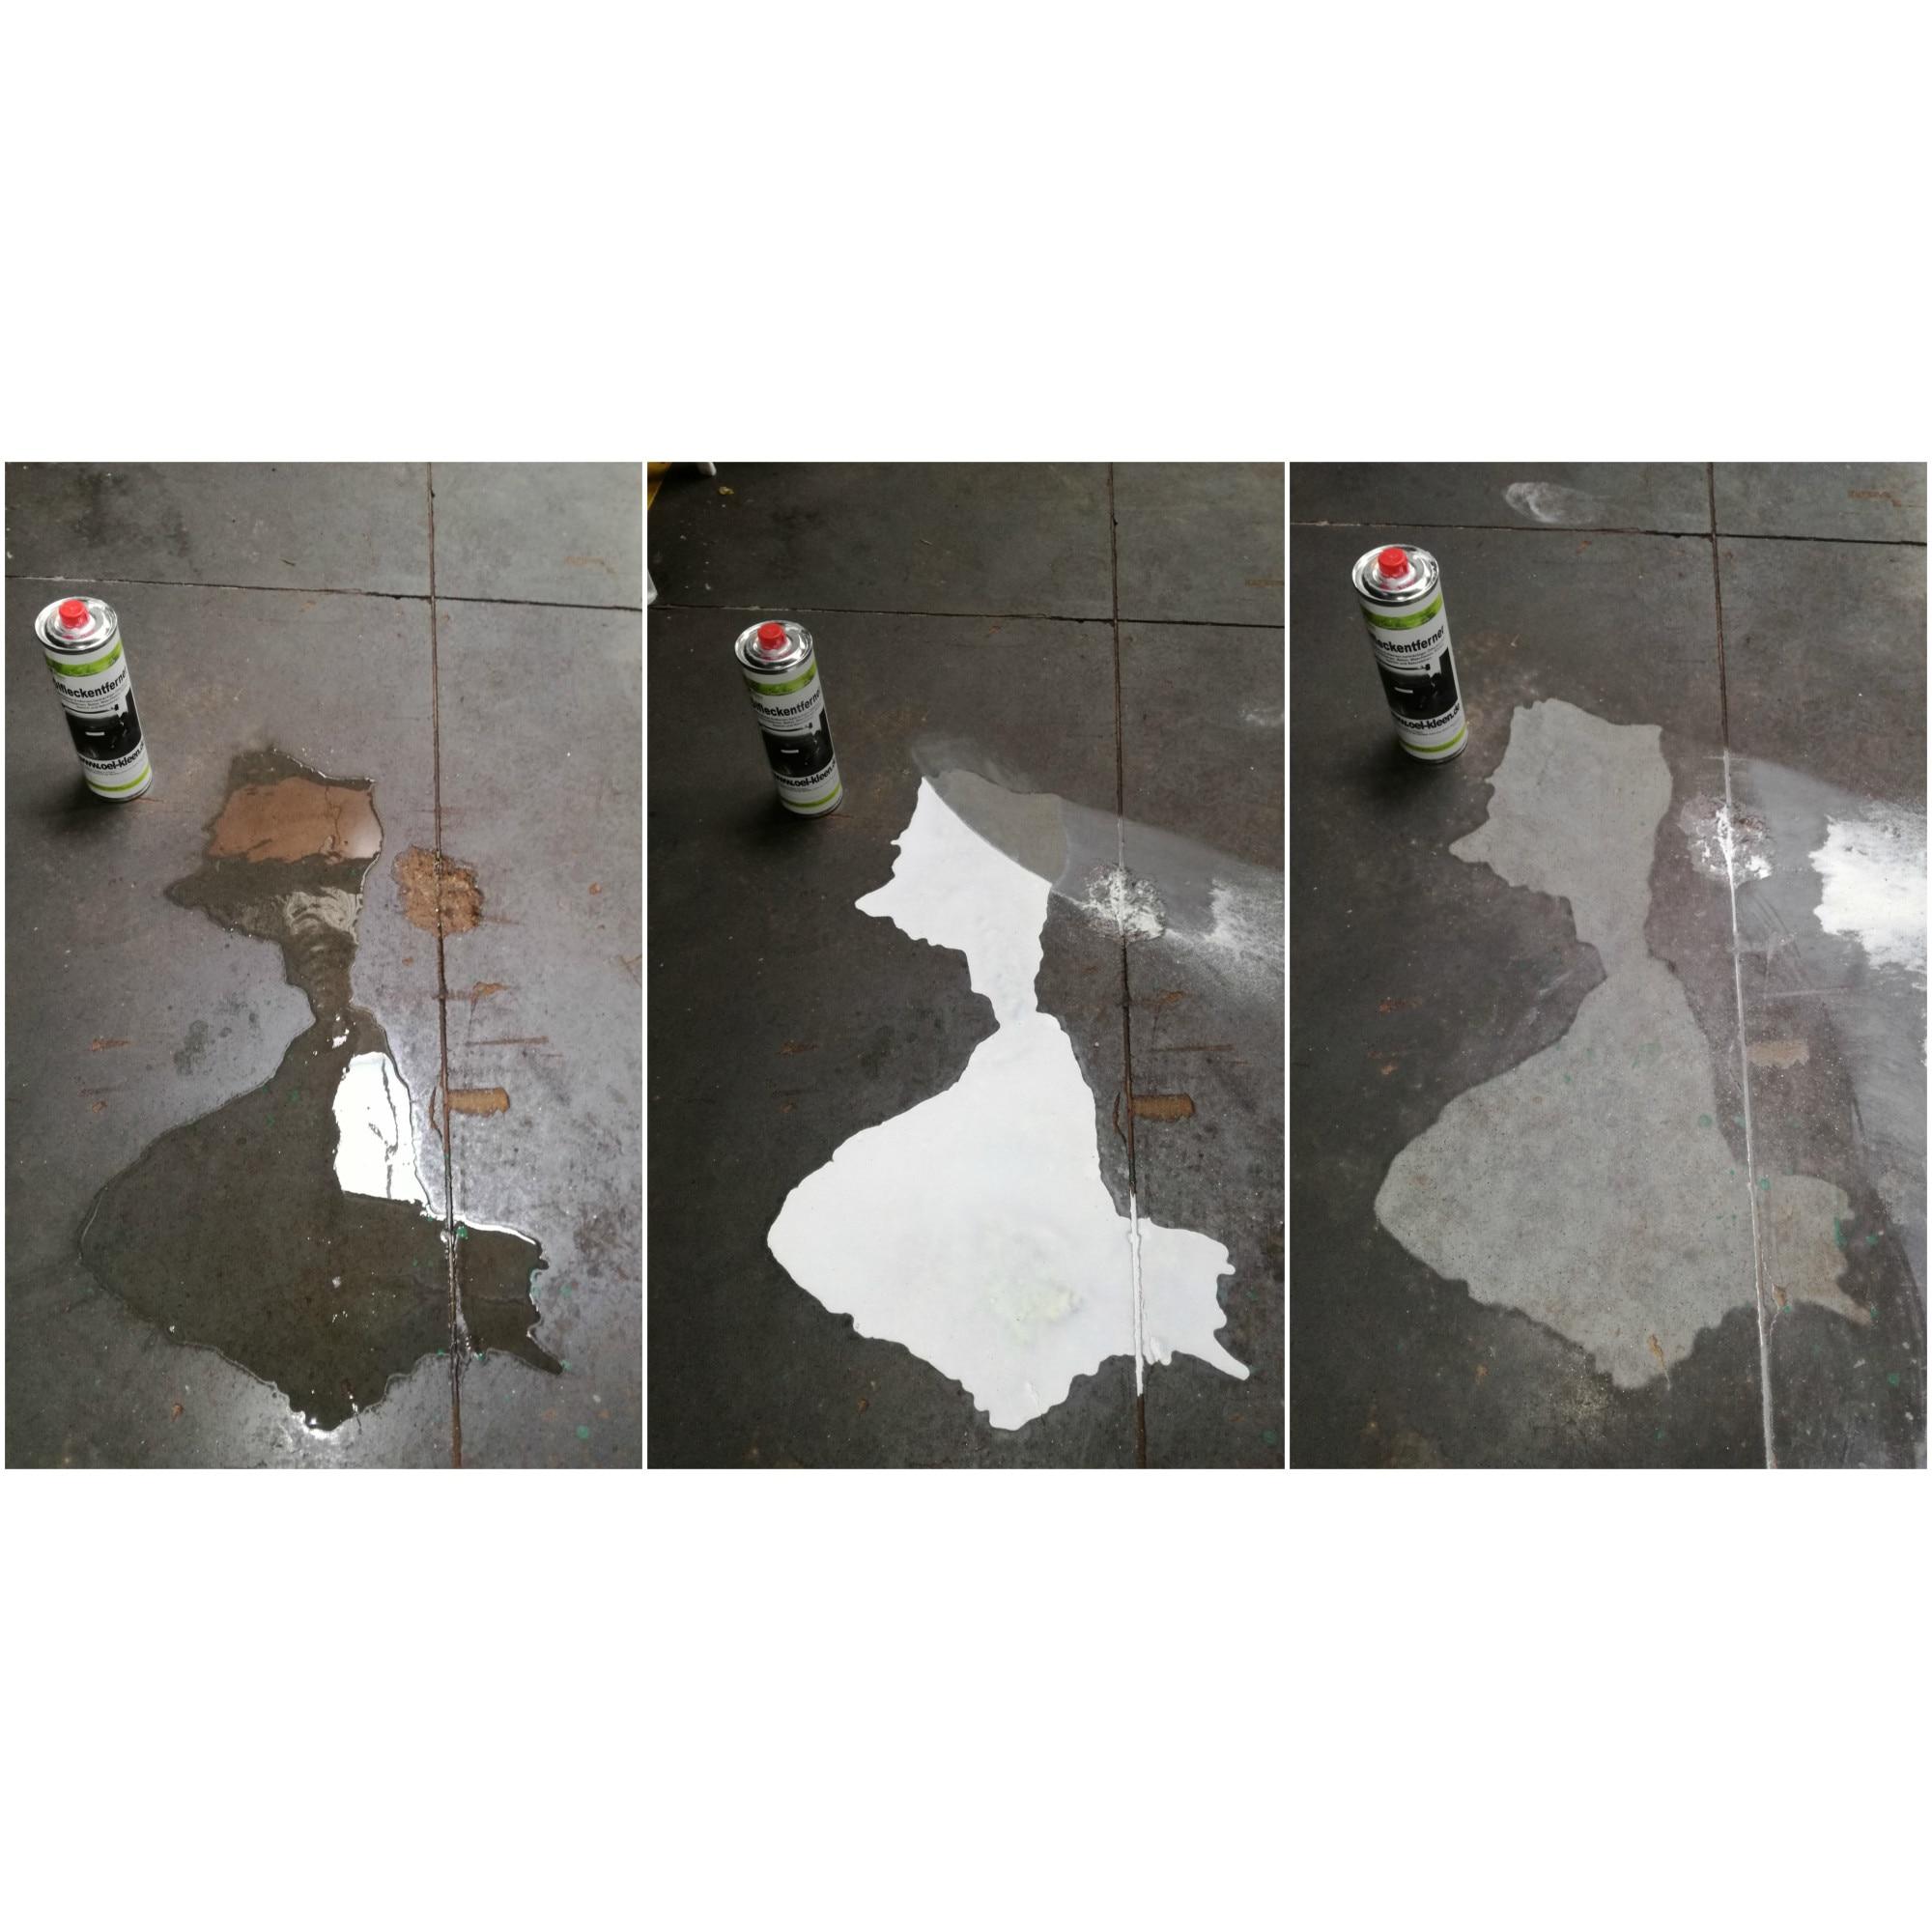 Ce trebuie sa faci pentru a elimina petele de ulei de pe suprafata unde parchezi masina?